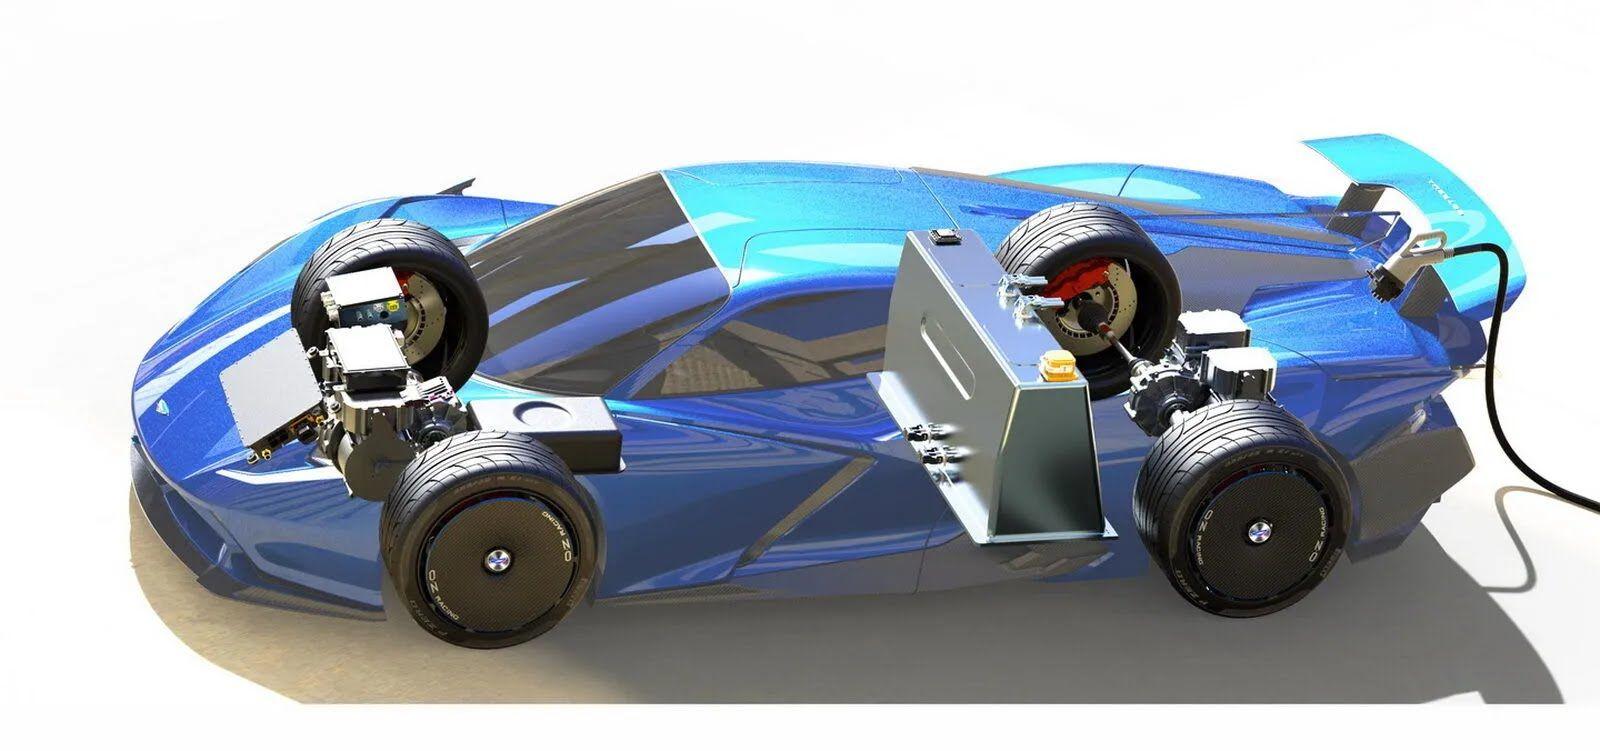 Суперконденсатори знаходяться по сусідству з передньою віссю, а батарея встановлена за спинками крісел водія та пасажира